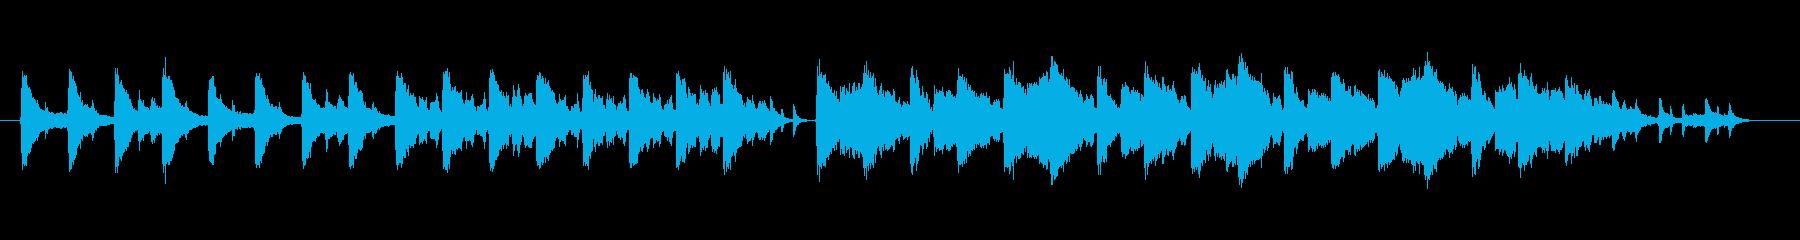 ピアノと機械音の幻想的な楽曲です。の再生済みの波形